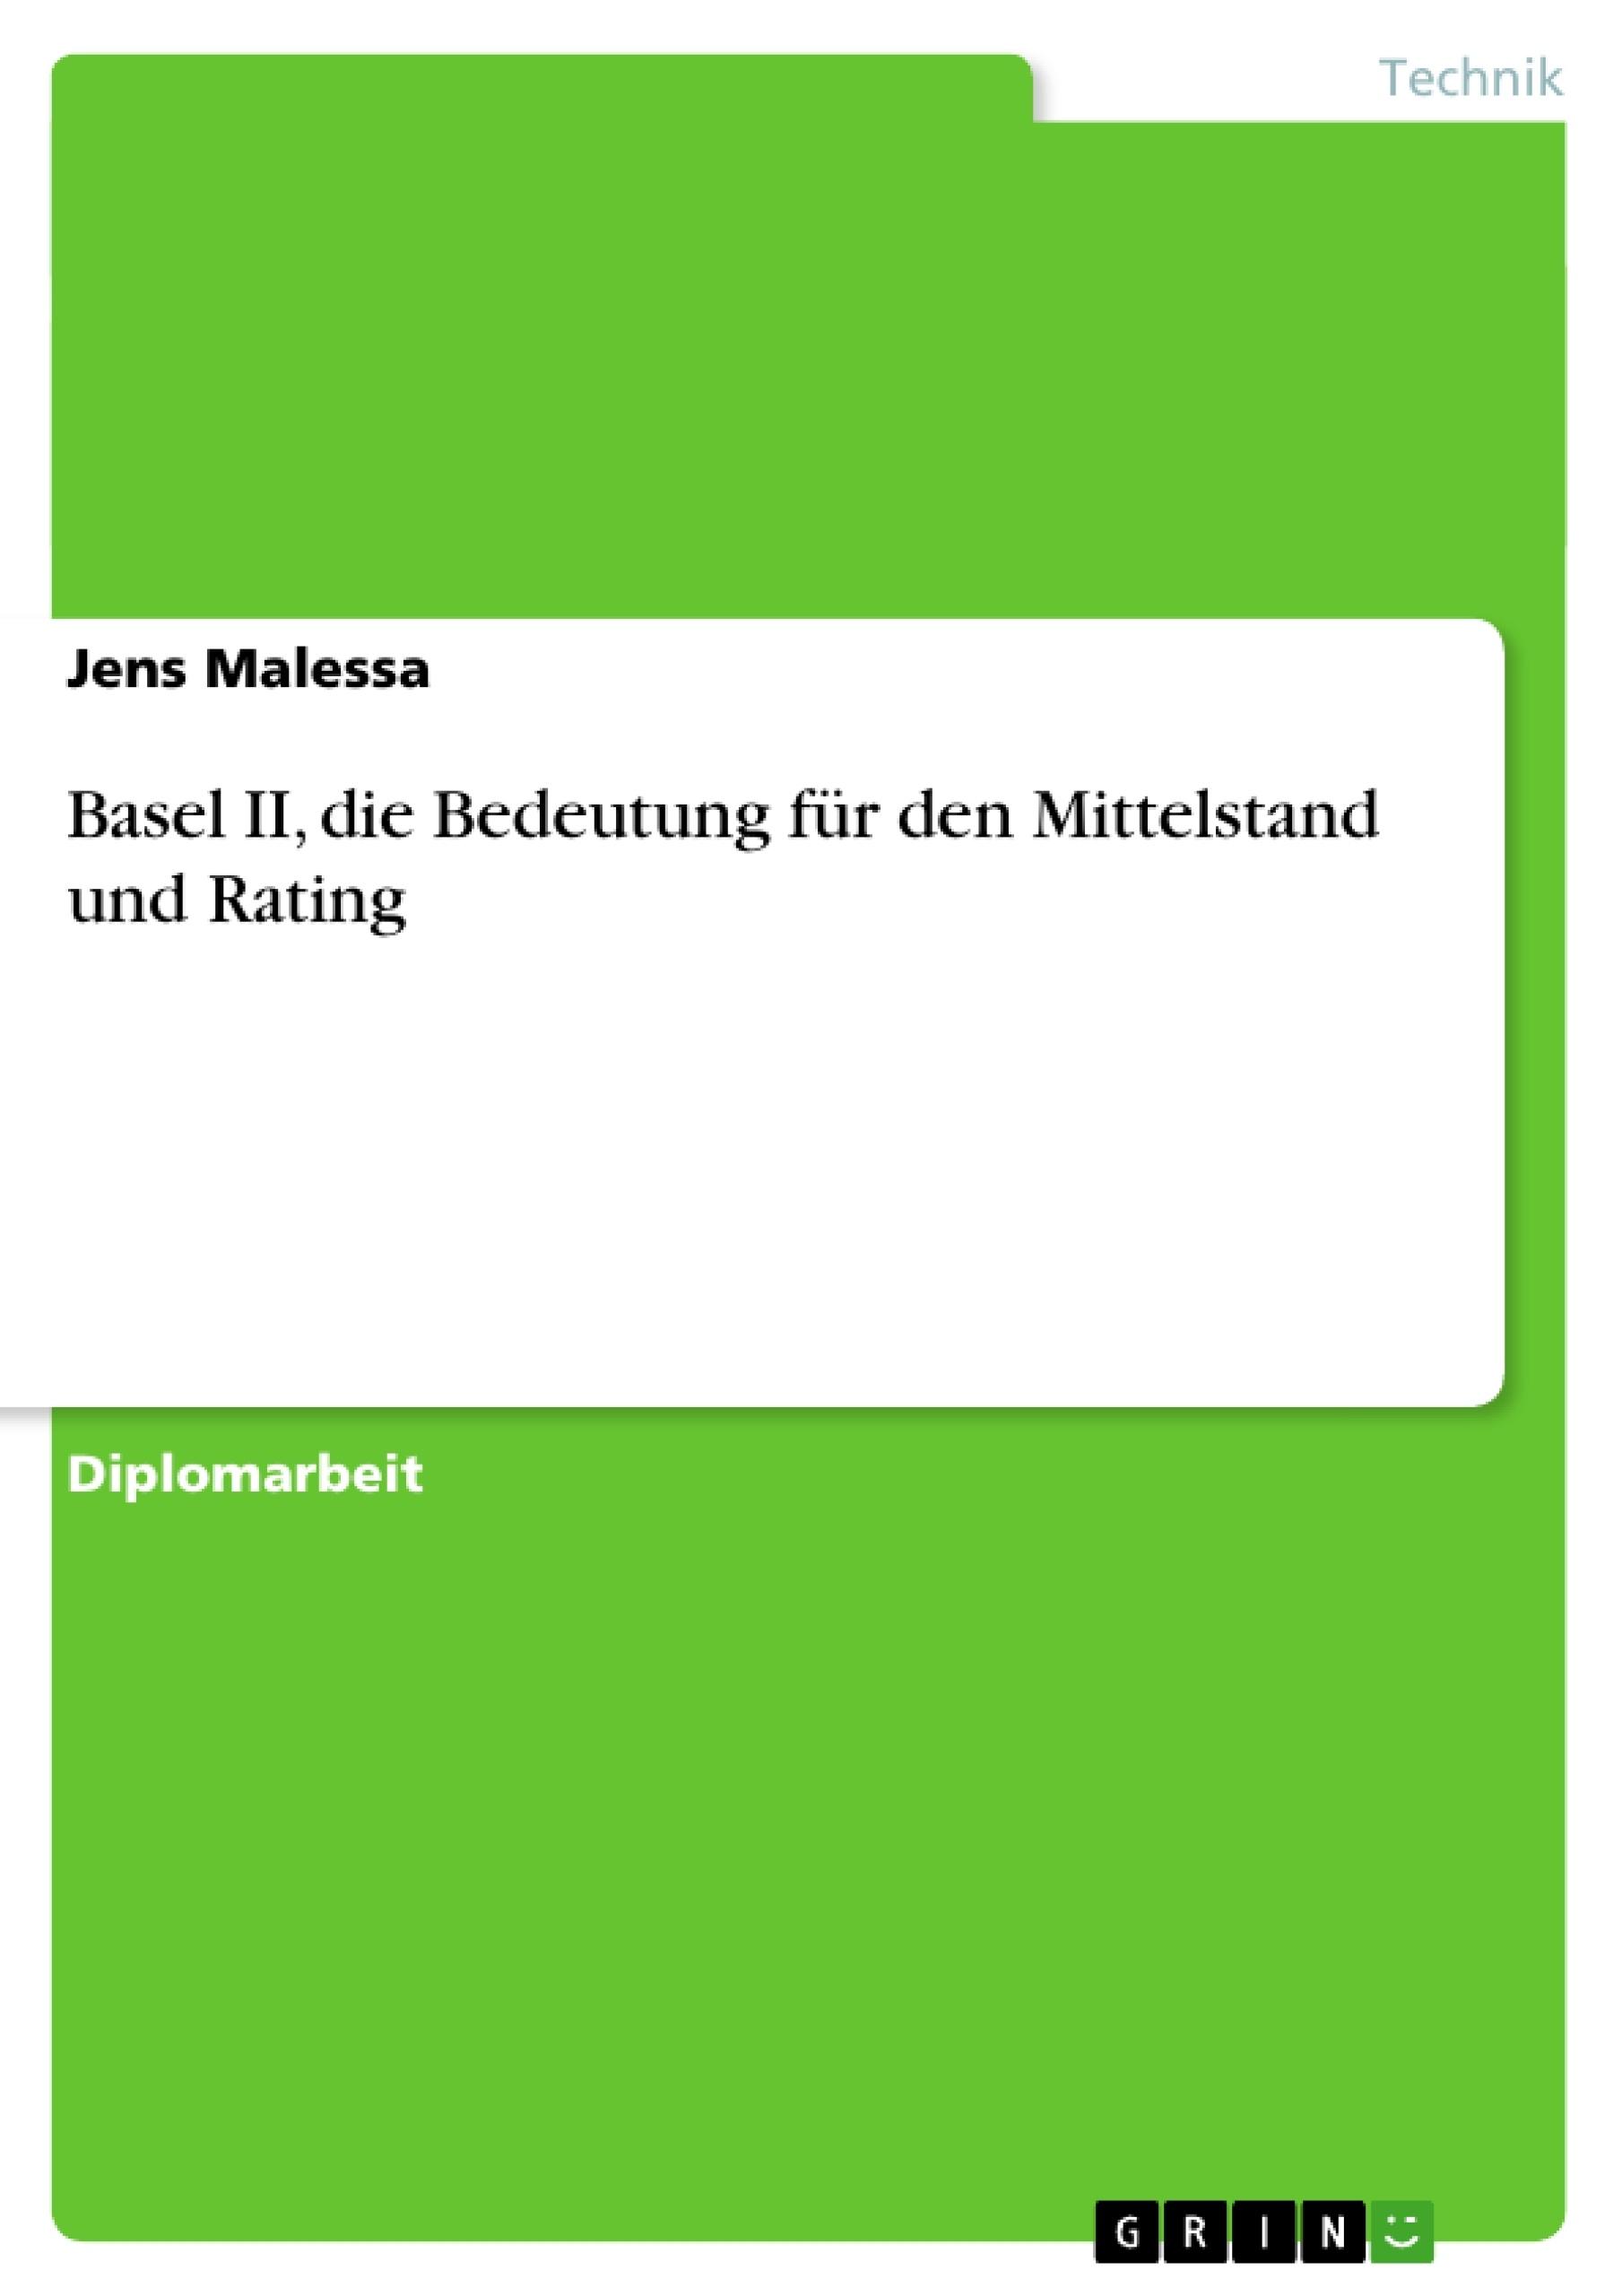 Titel: Basel II, die Bedeutung für den Mittelstand und Rating